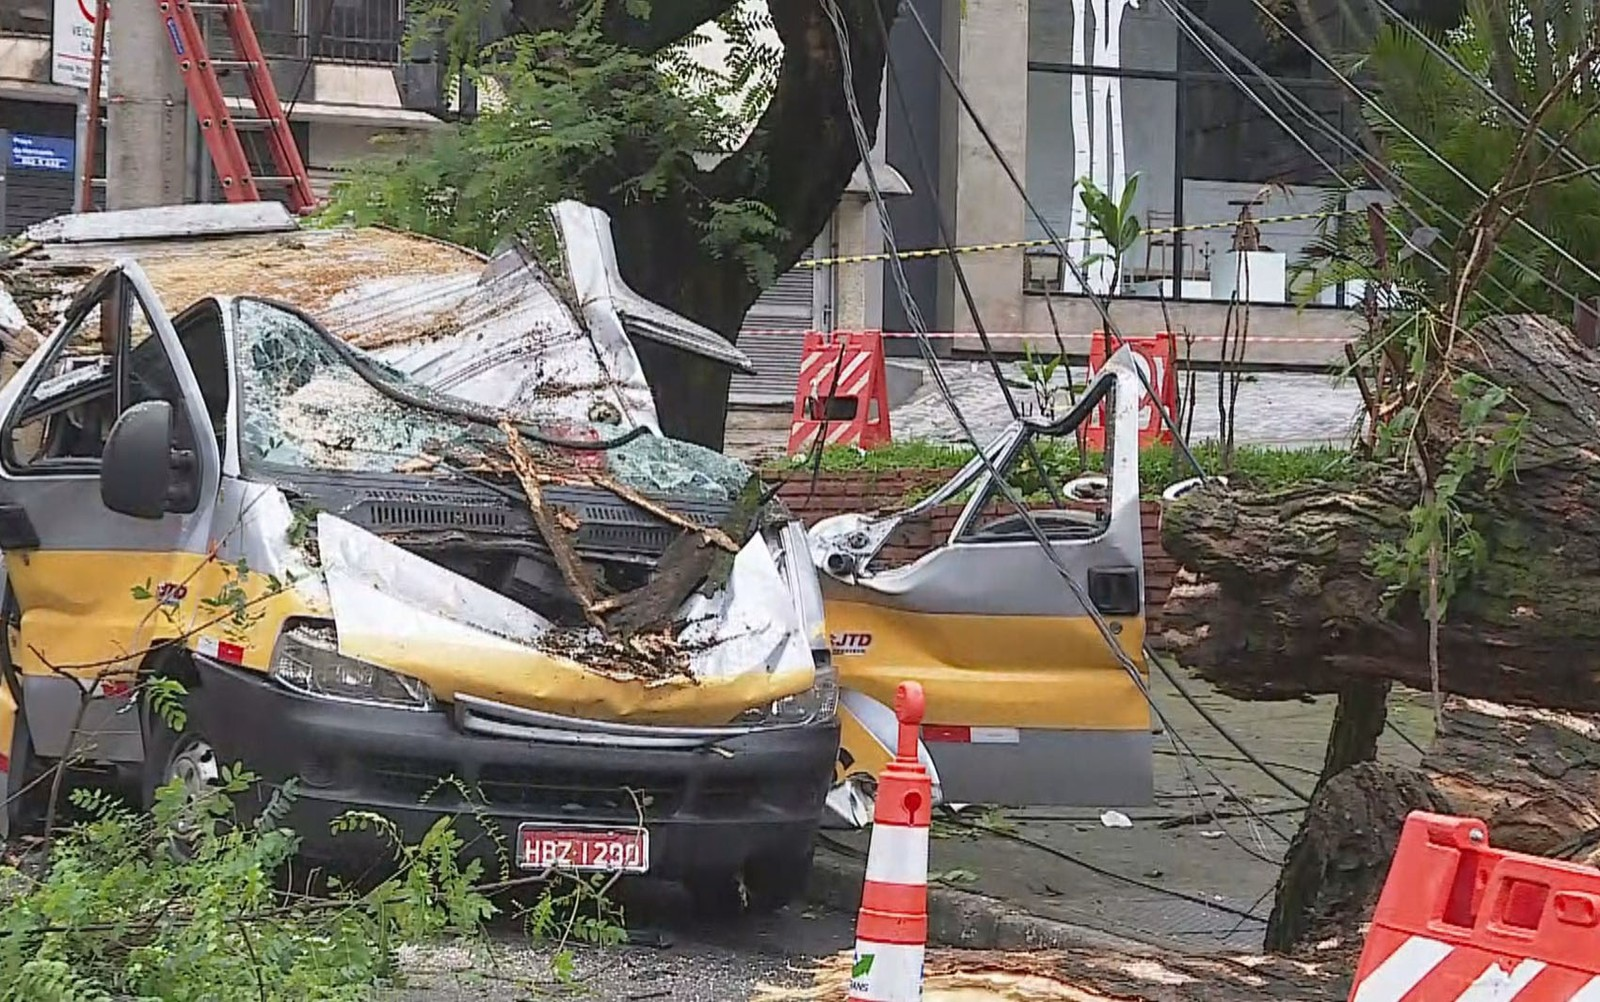 Motorista de van atingida por árvore grita para retirar crianças antes de morrer